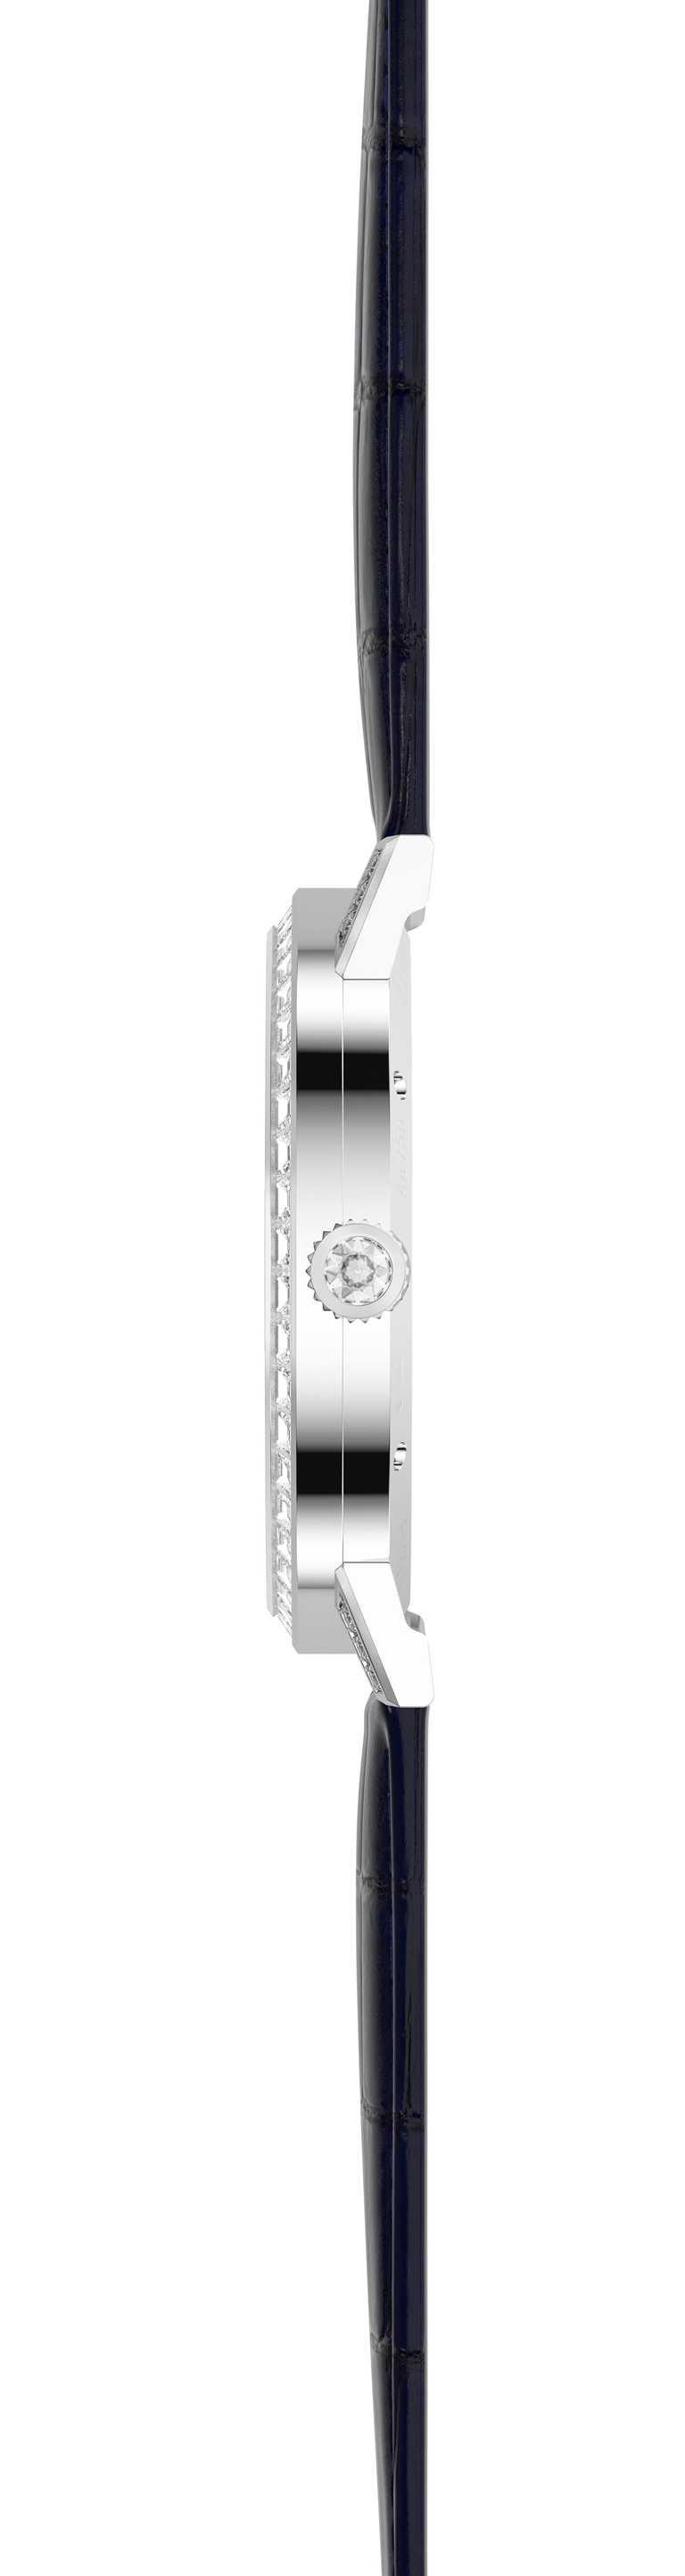 PIAGET「Altiplano」 系列,砂金石玻璃面盤飛行陀飛輪限量款鑲鑽腕錶,整體厚度僅7.35mm╱4,470,000元。(圖╱PIAGET提供)